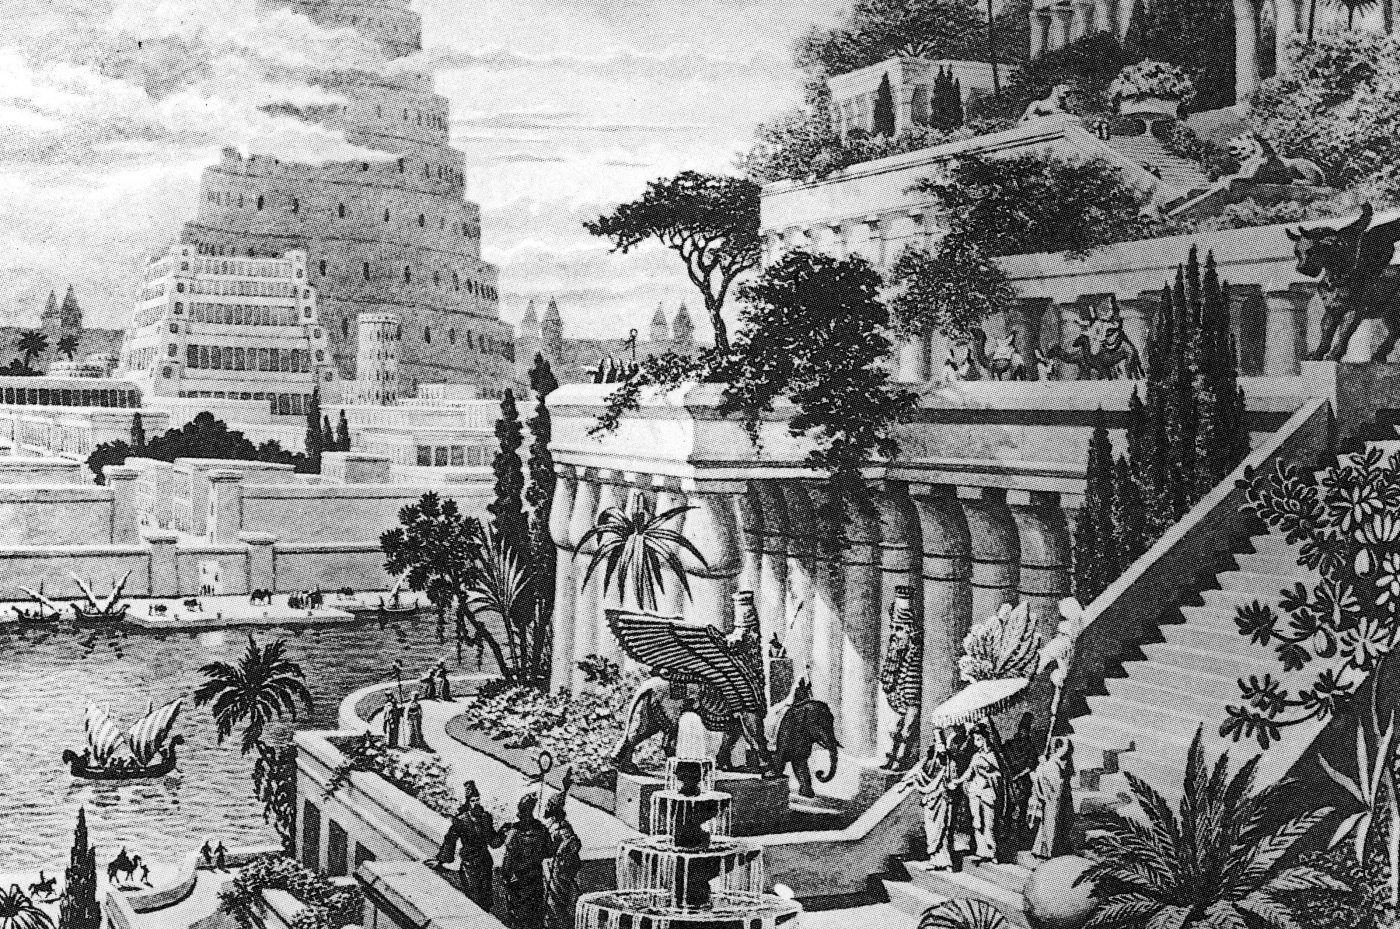 Die Hangenden Garten Von Babylon Myhomebook Bilder Kunstwerke Persien